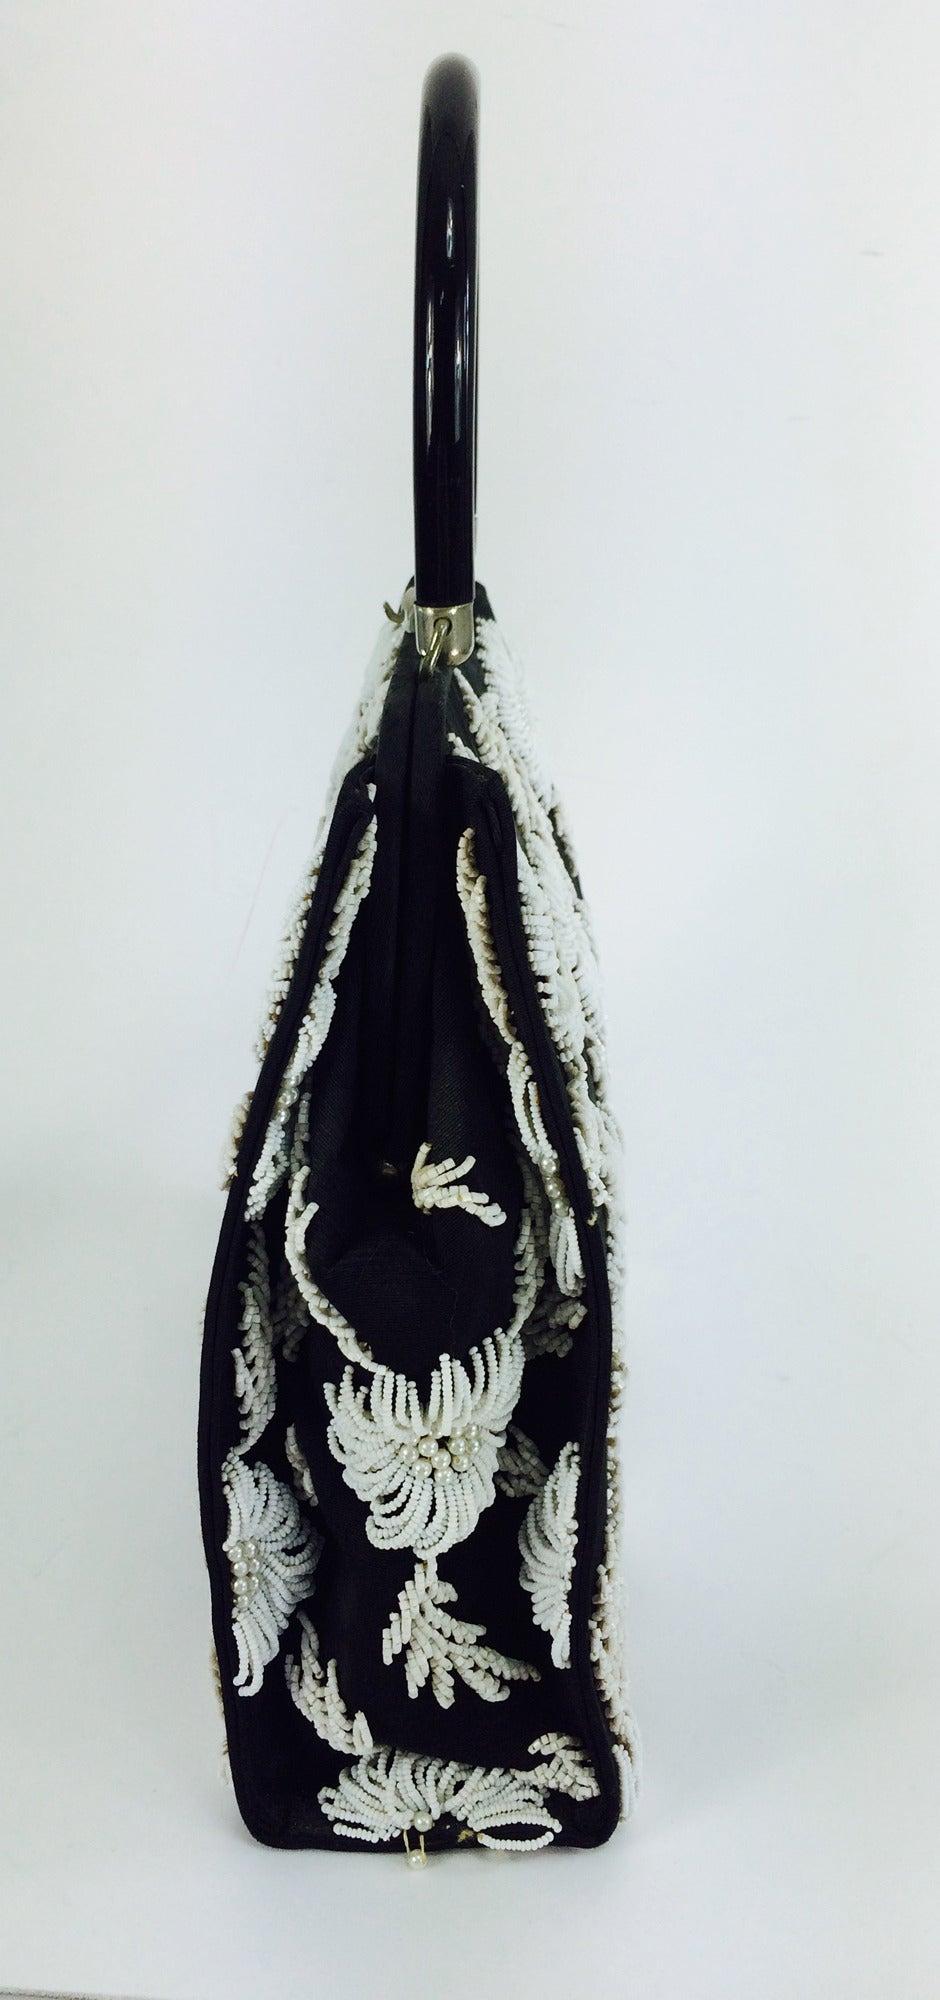 1950s black faille & white floral beaded handbag Elise Tu Hong Kong 4